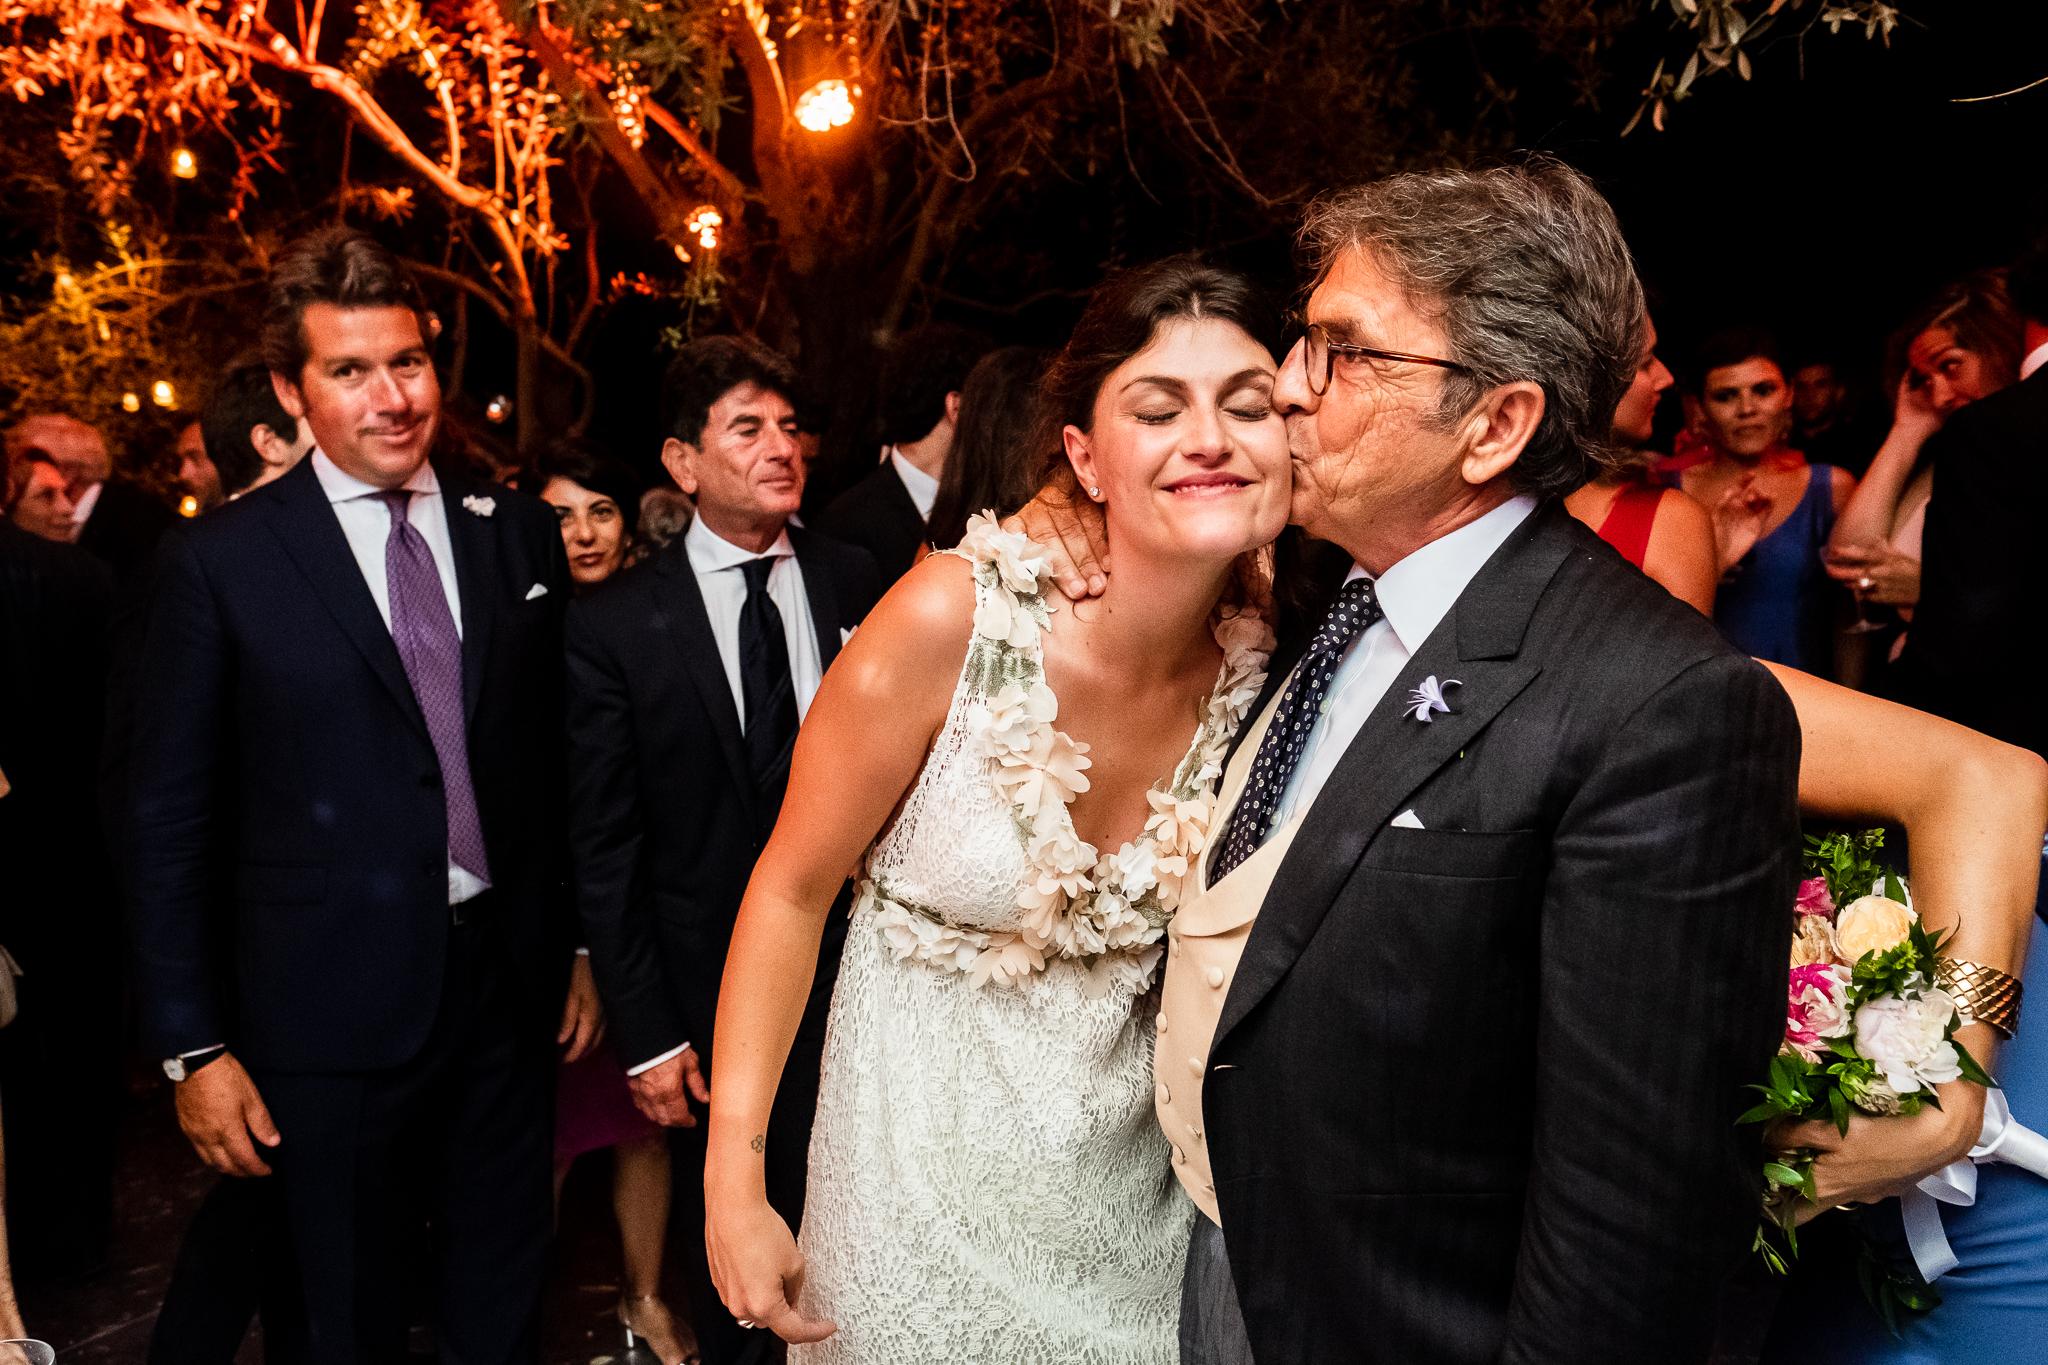 Enkant-fotografo-matrimonio-sicilia-story-44.jpg